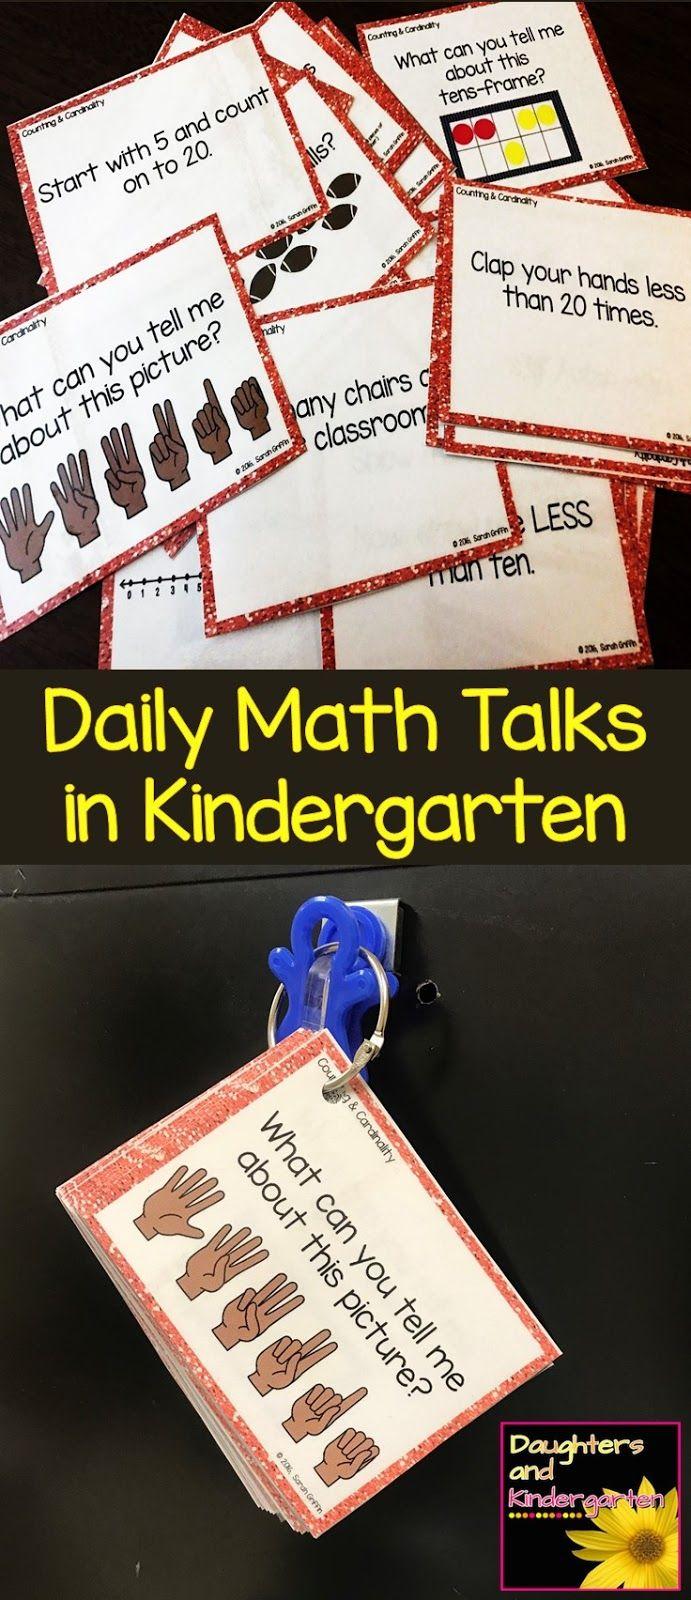 Daily math talks, number talks